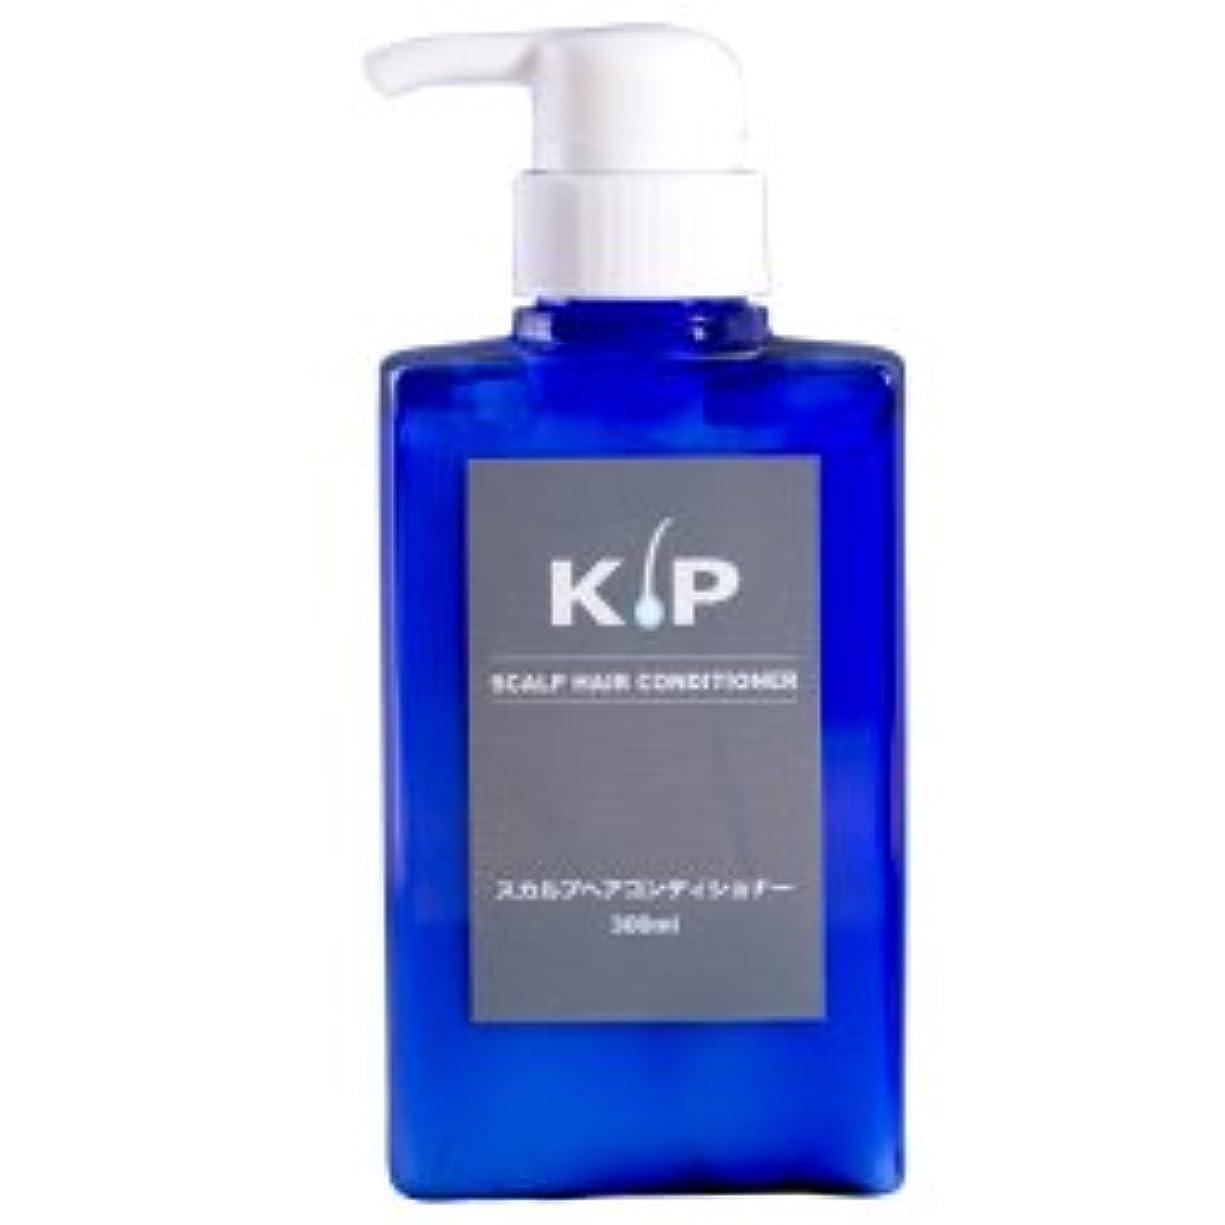 バッフル医薬品博物館KIP スカルプヘア コンディショナー